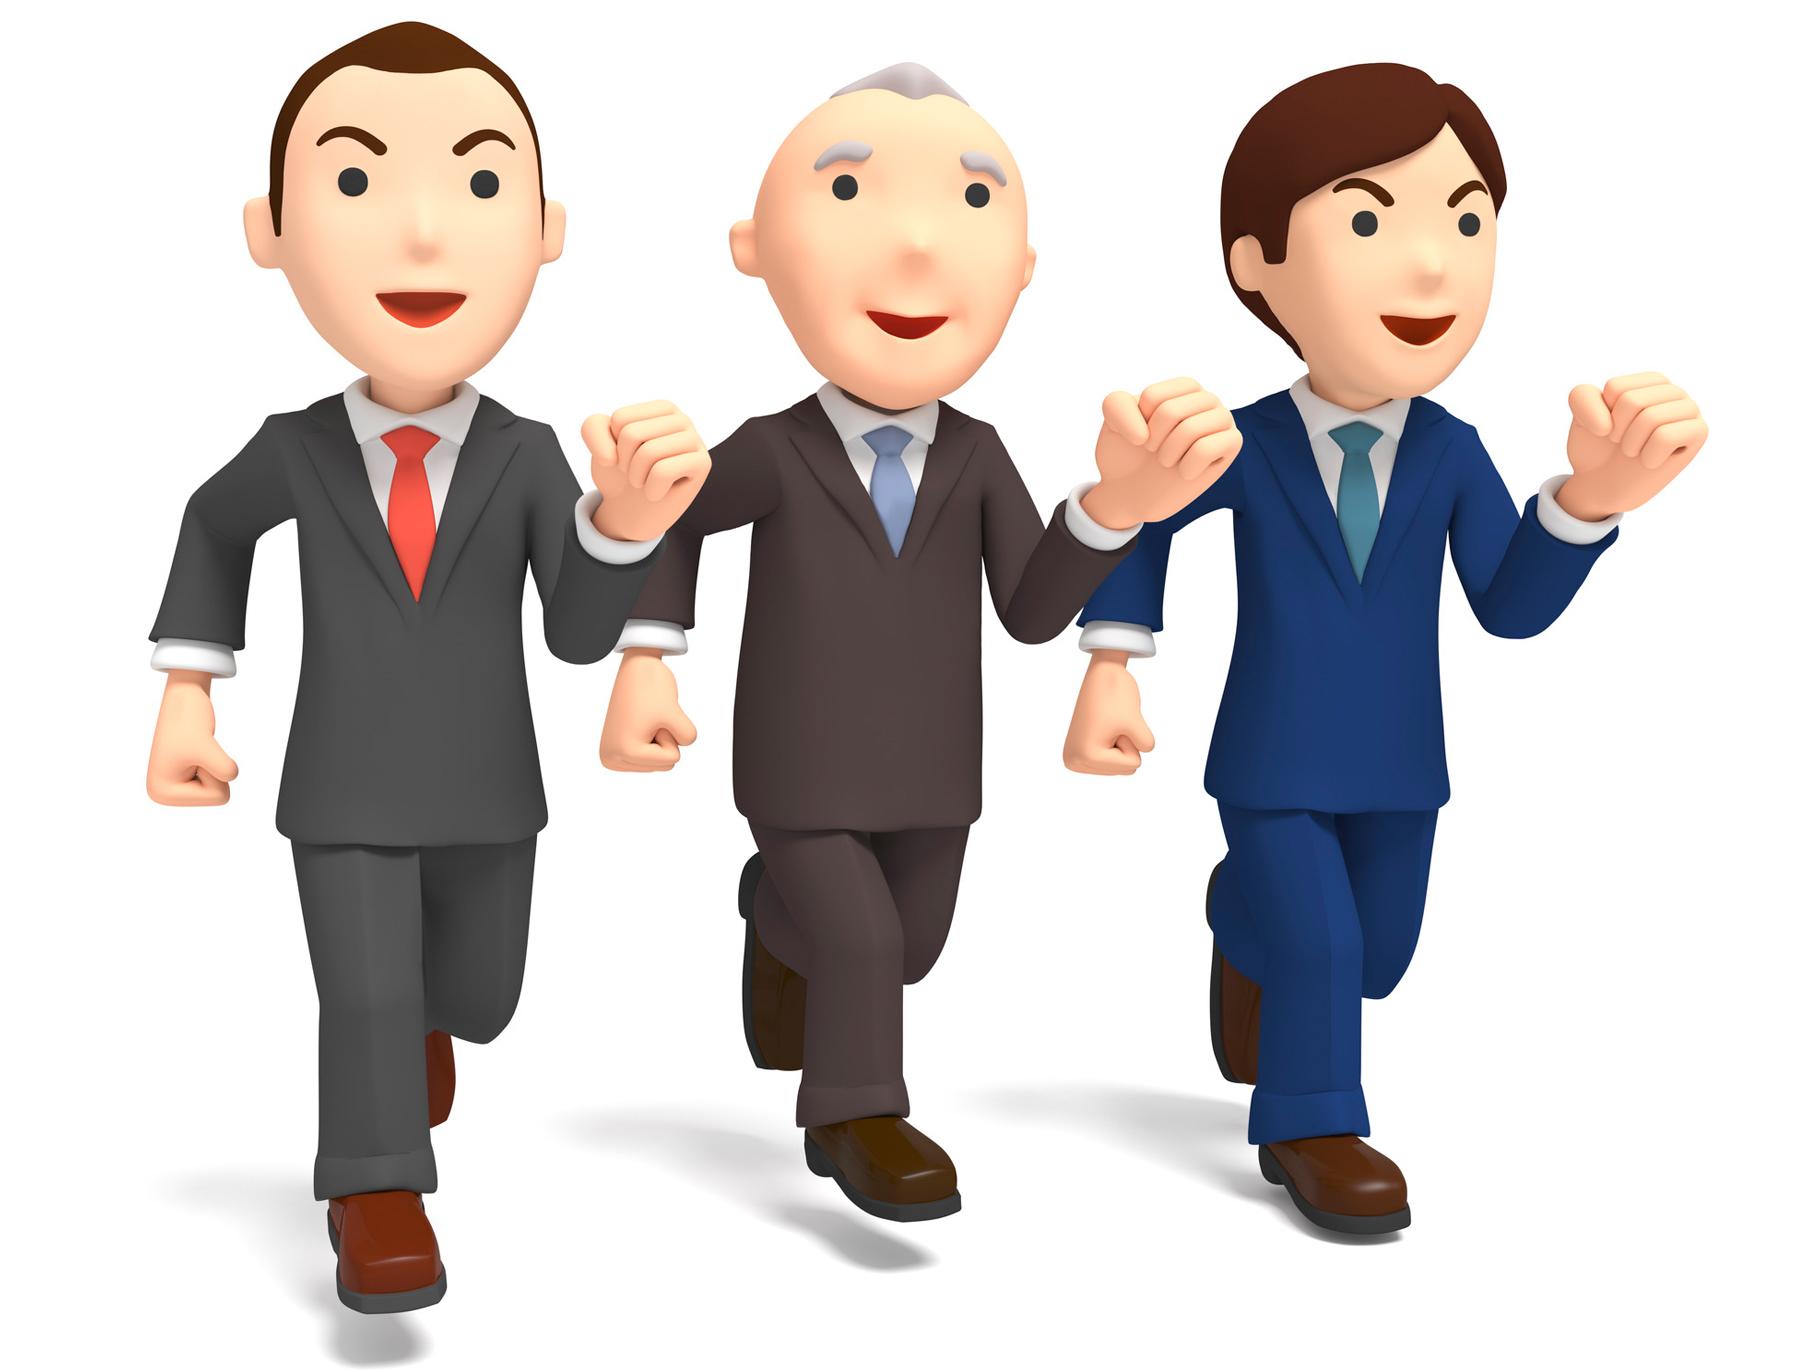 雇用保険適用拡大~対象者抽出・取得届のポイント・有期雇用者管理~